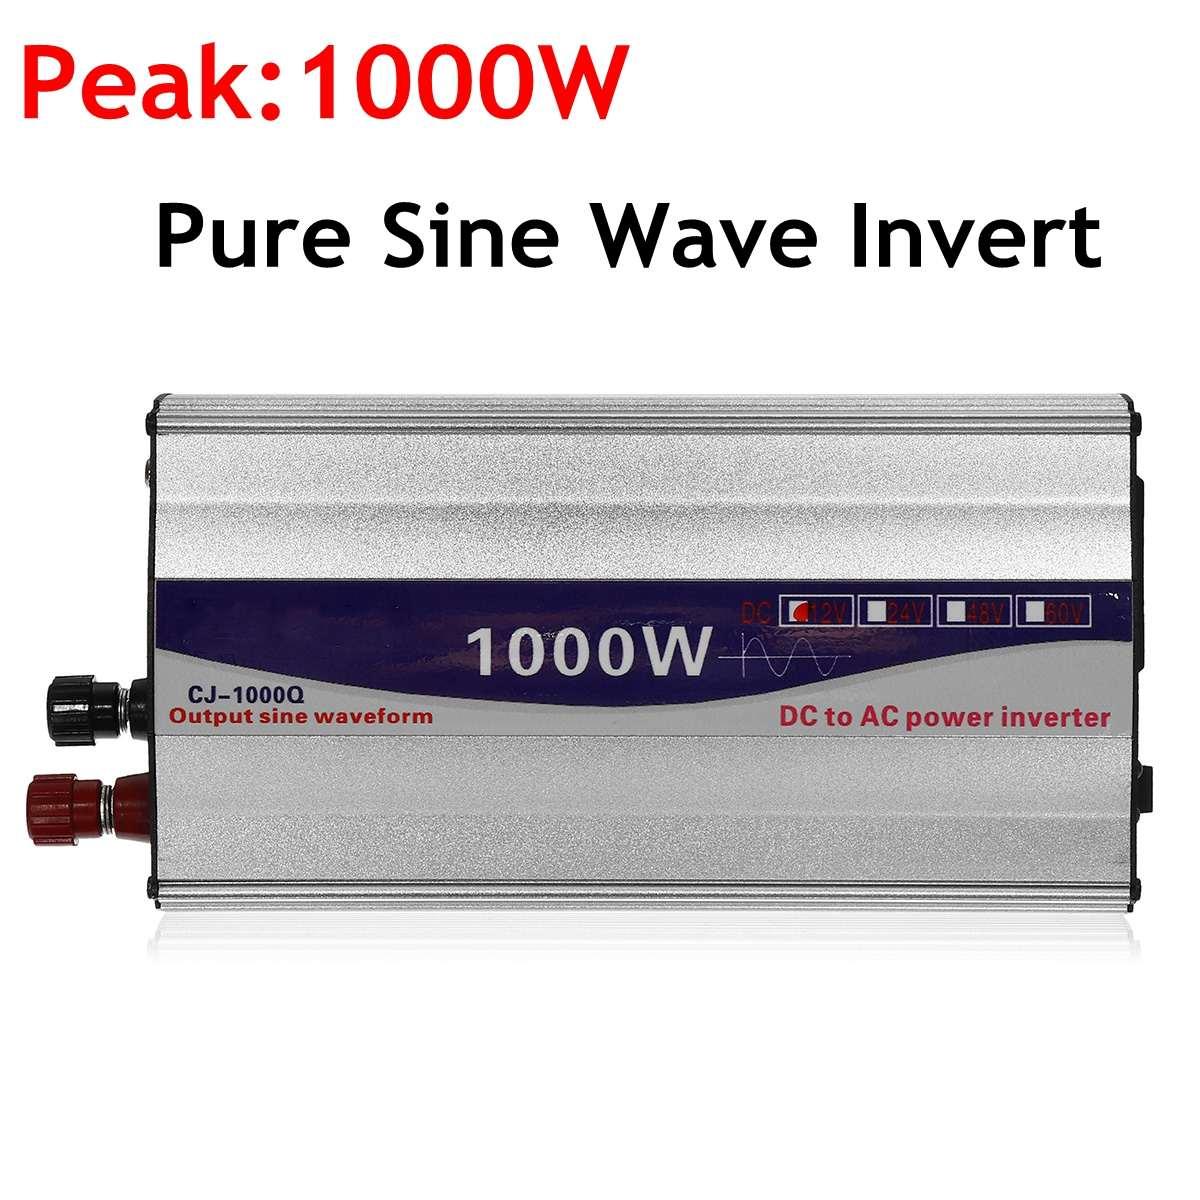 1 مجموعة LED عرض 1000W نقي شرط موجة عاكس الطاقة 12 V/24 V إلى 110V تحويل محطة تزويد محولة للطاقة